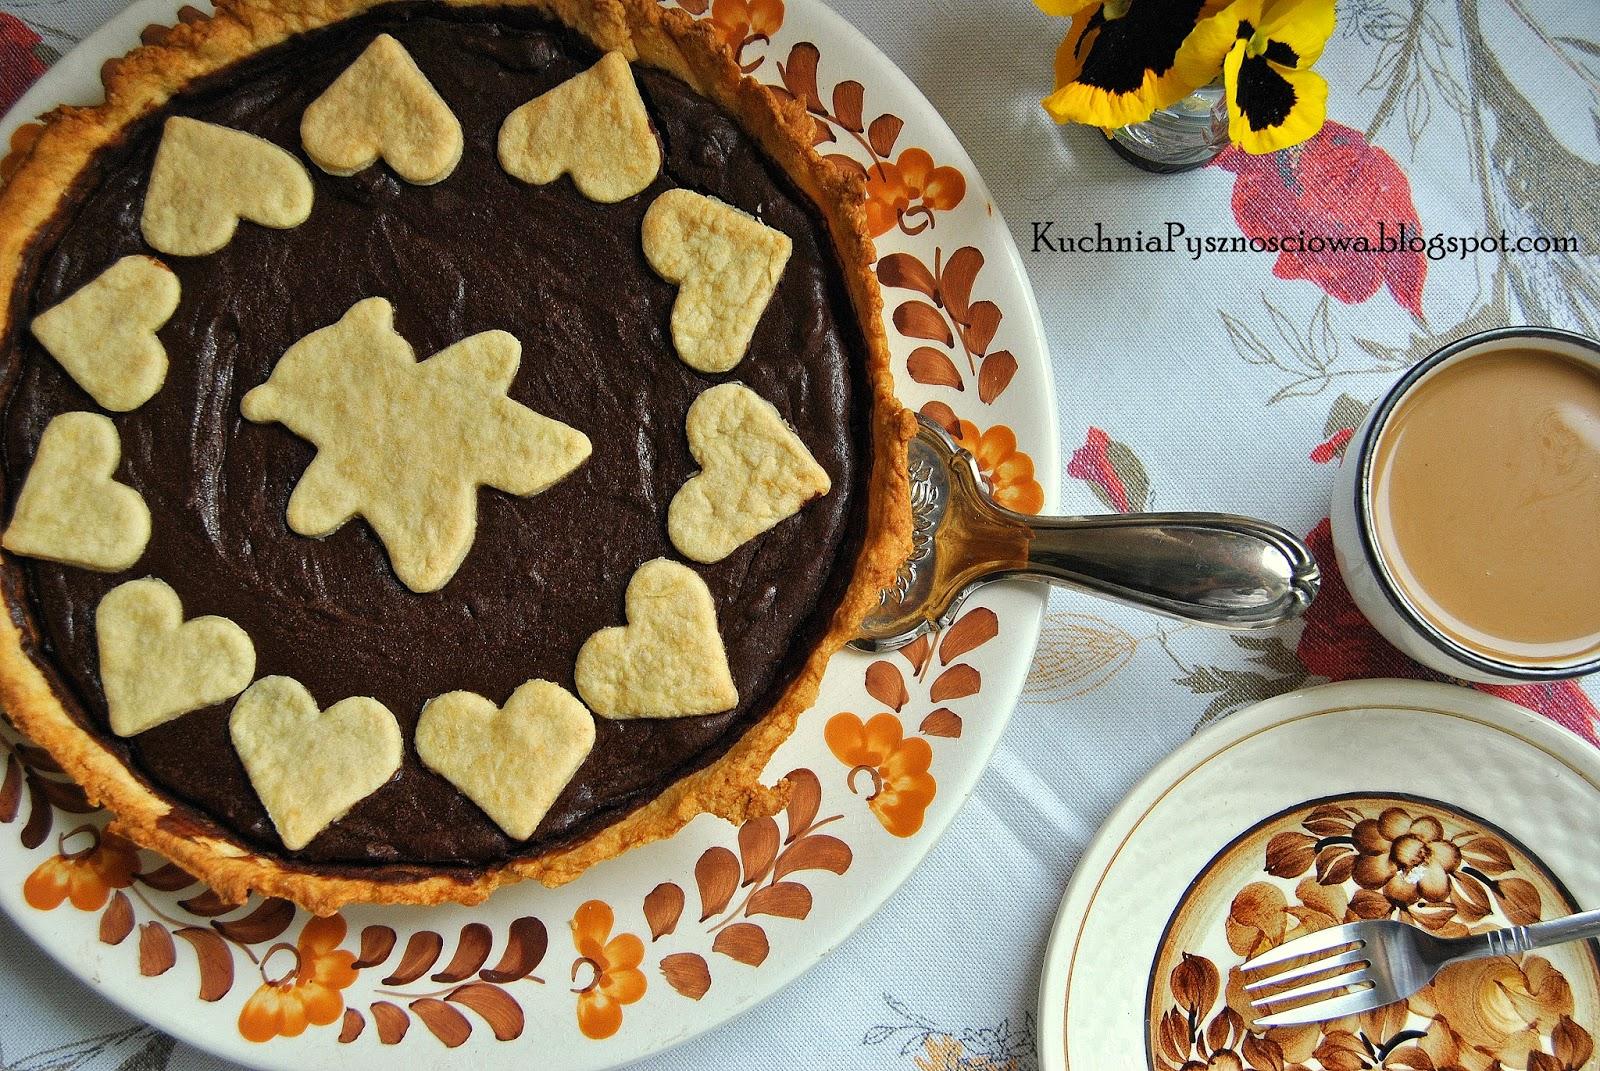 211. Tarta czekoladowa z solą morską na Dzień Czekolady